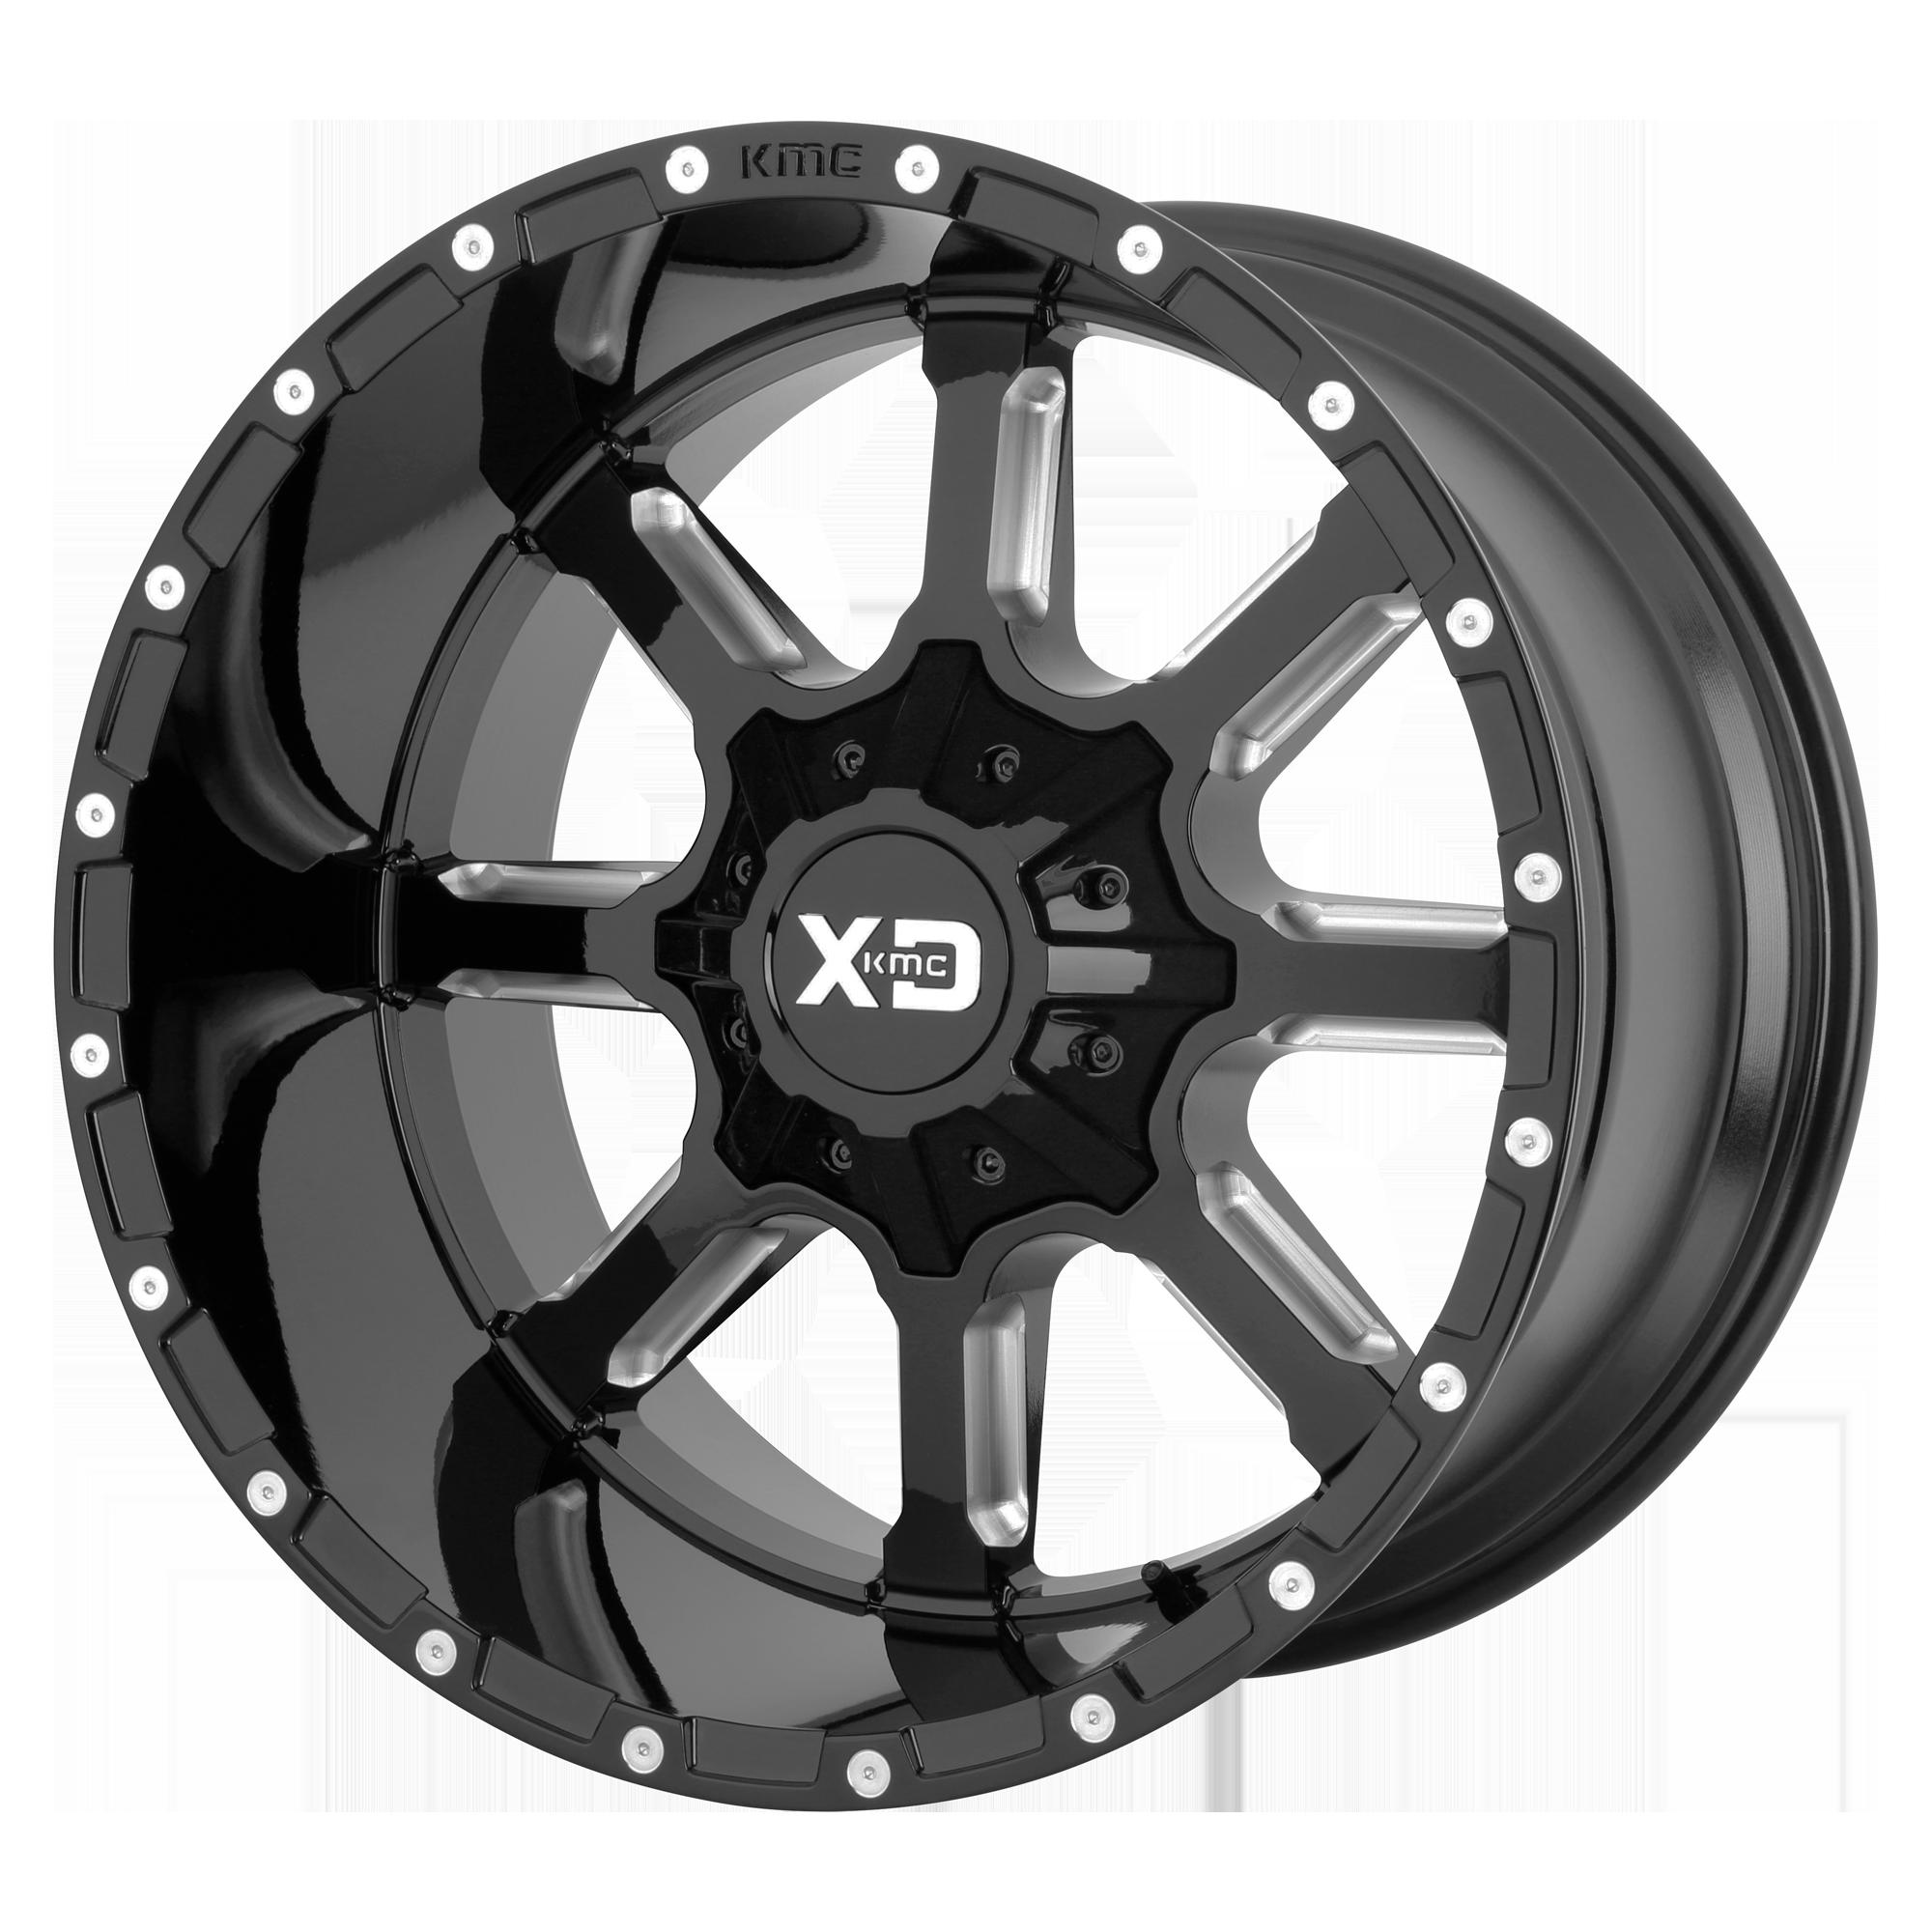 XD SERIES XD838 MAMMOTH hliníkové disky 10x20 5x139,7 ET-18 Gloss Black Milled